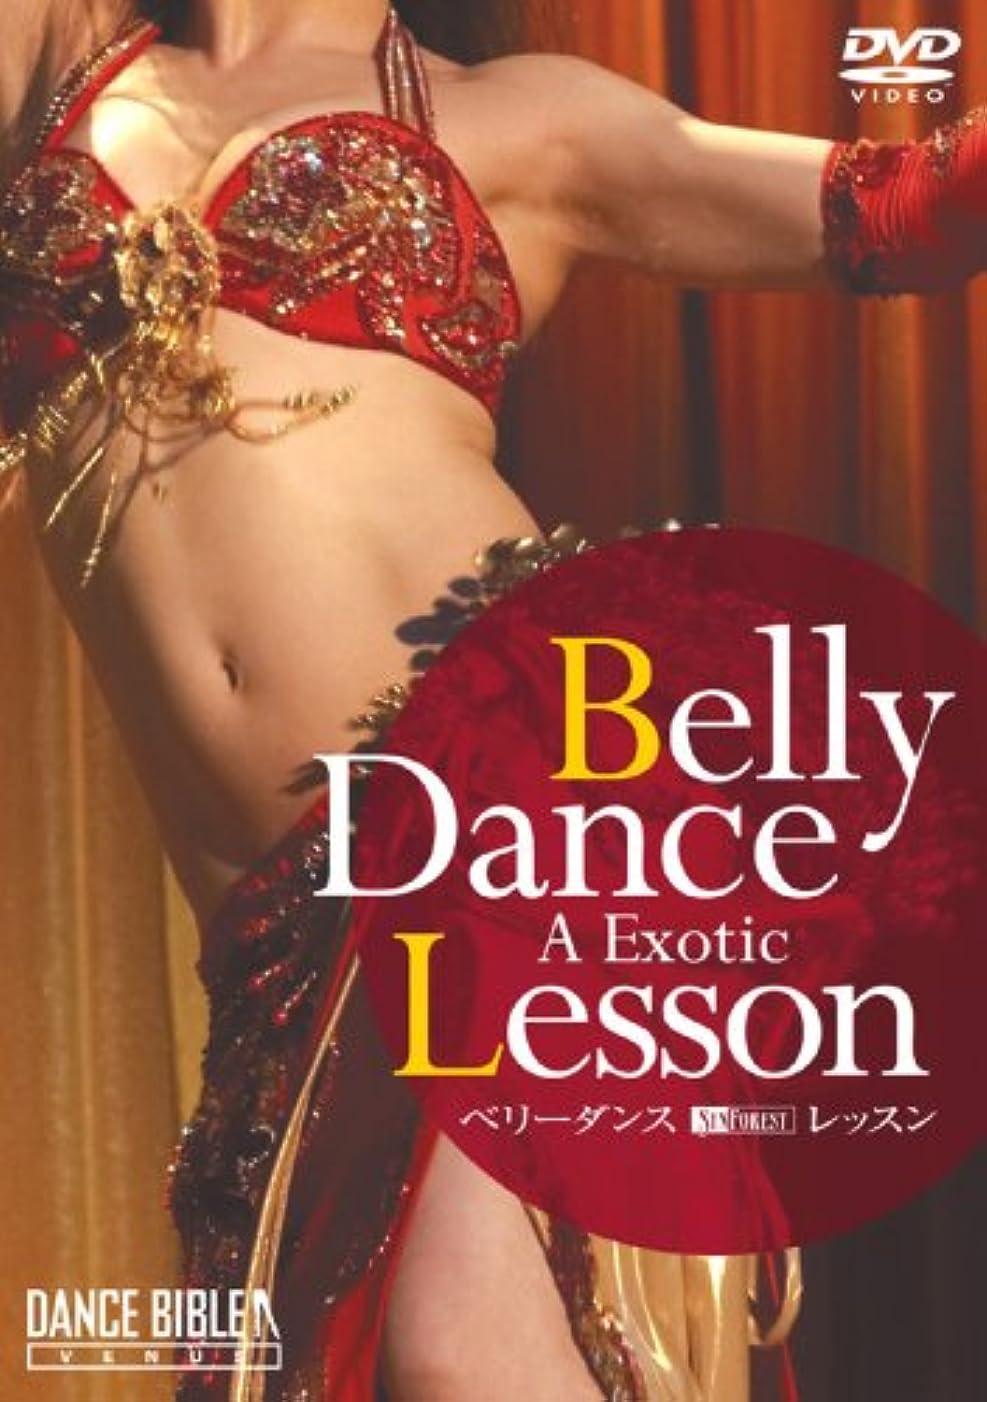 ブースト細菌姿を消すシンフォレストDVD ベリーダンス?レッスン/Belly Dance A Exotic Lesson